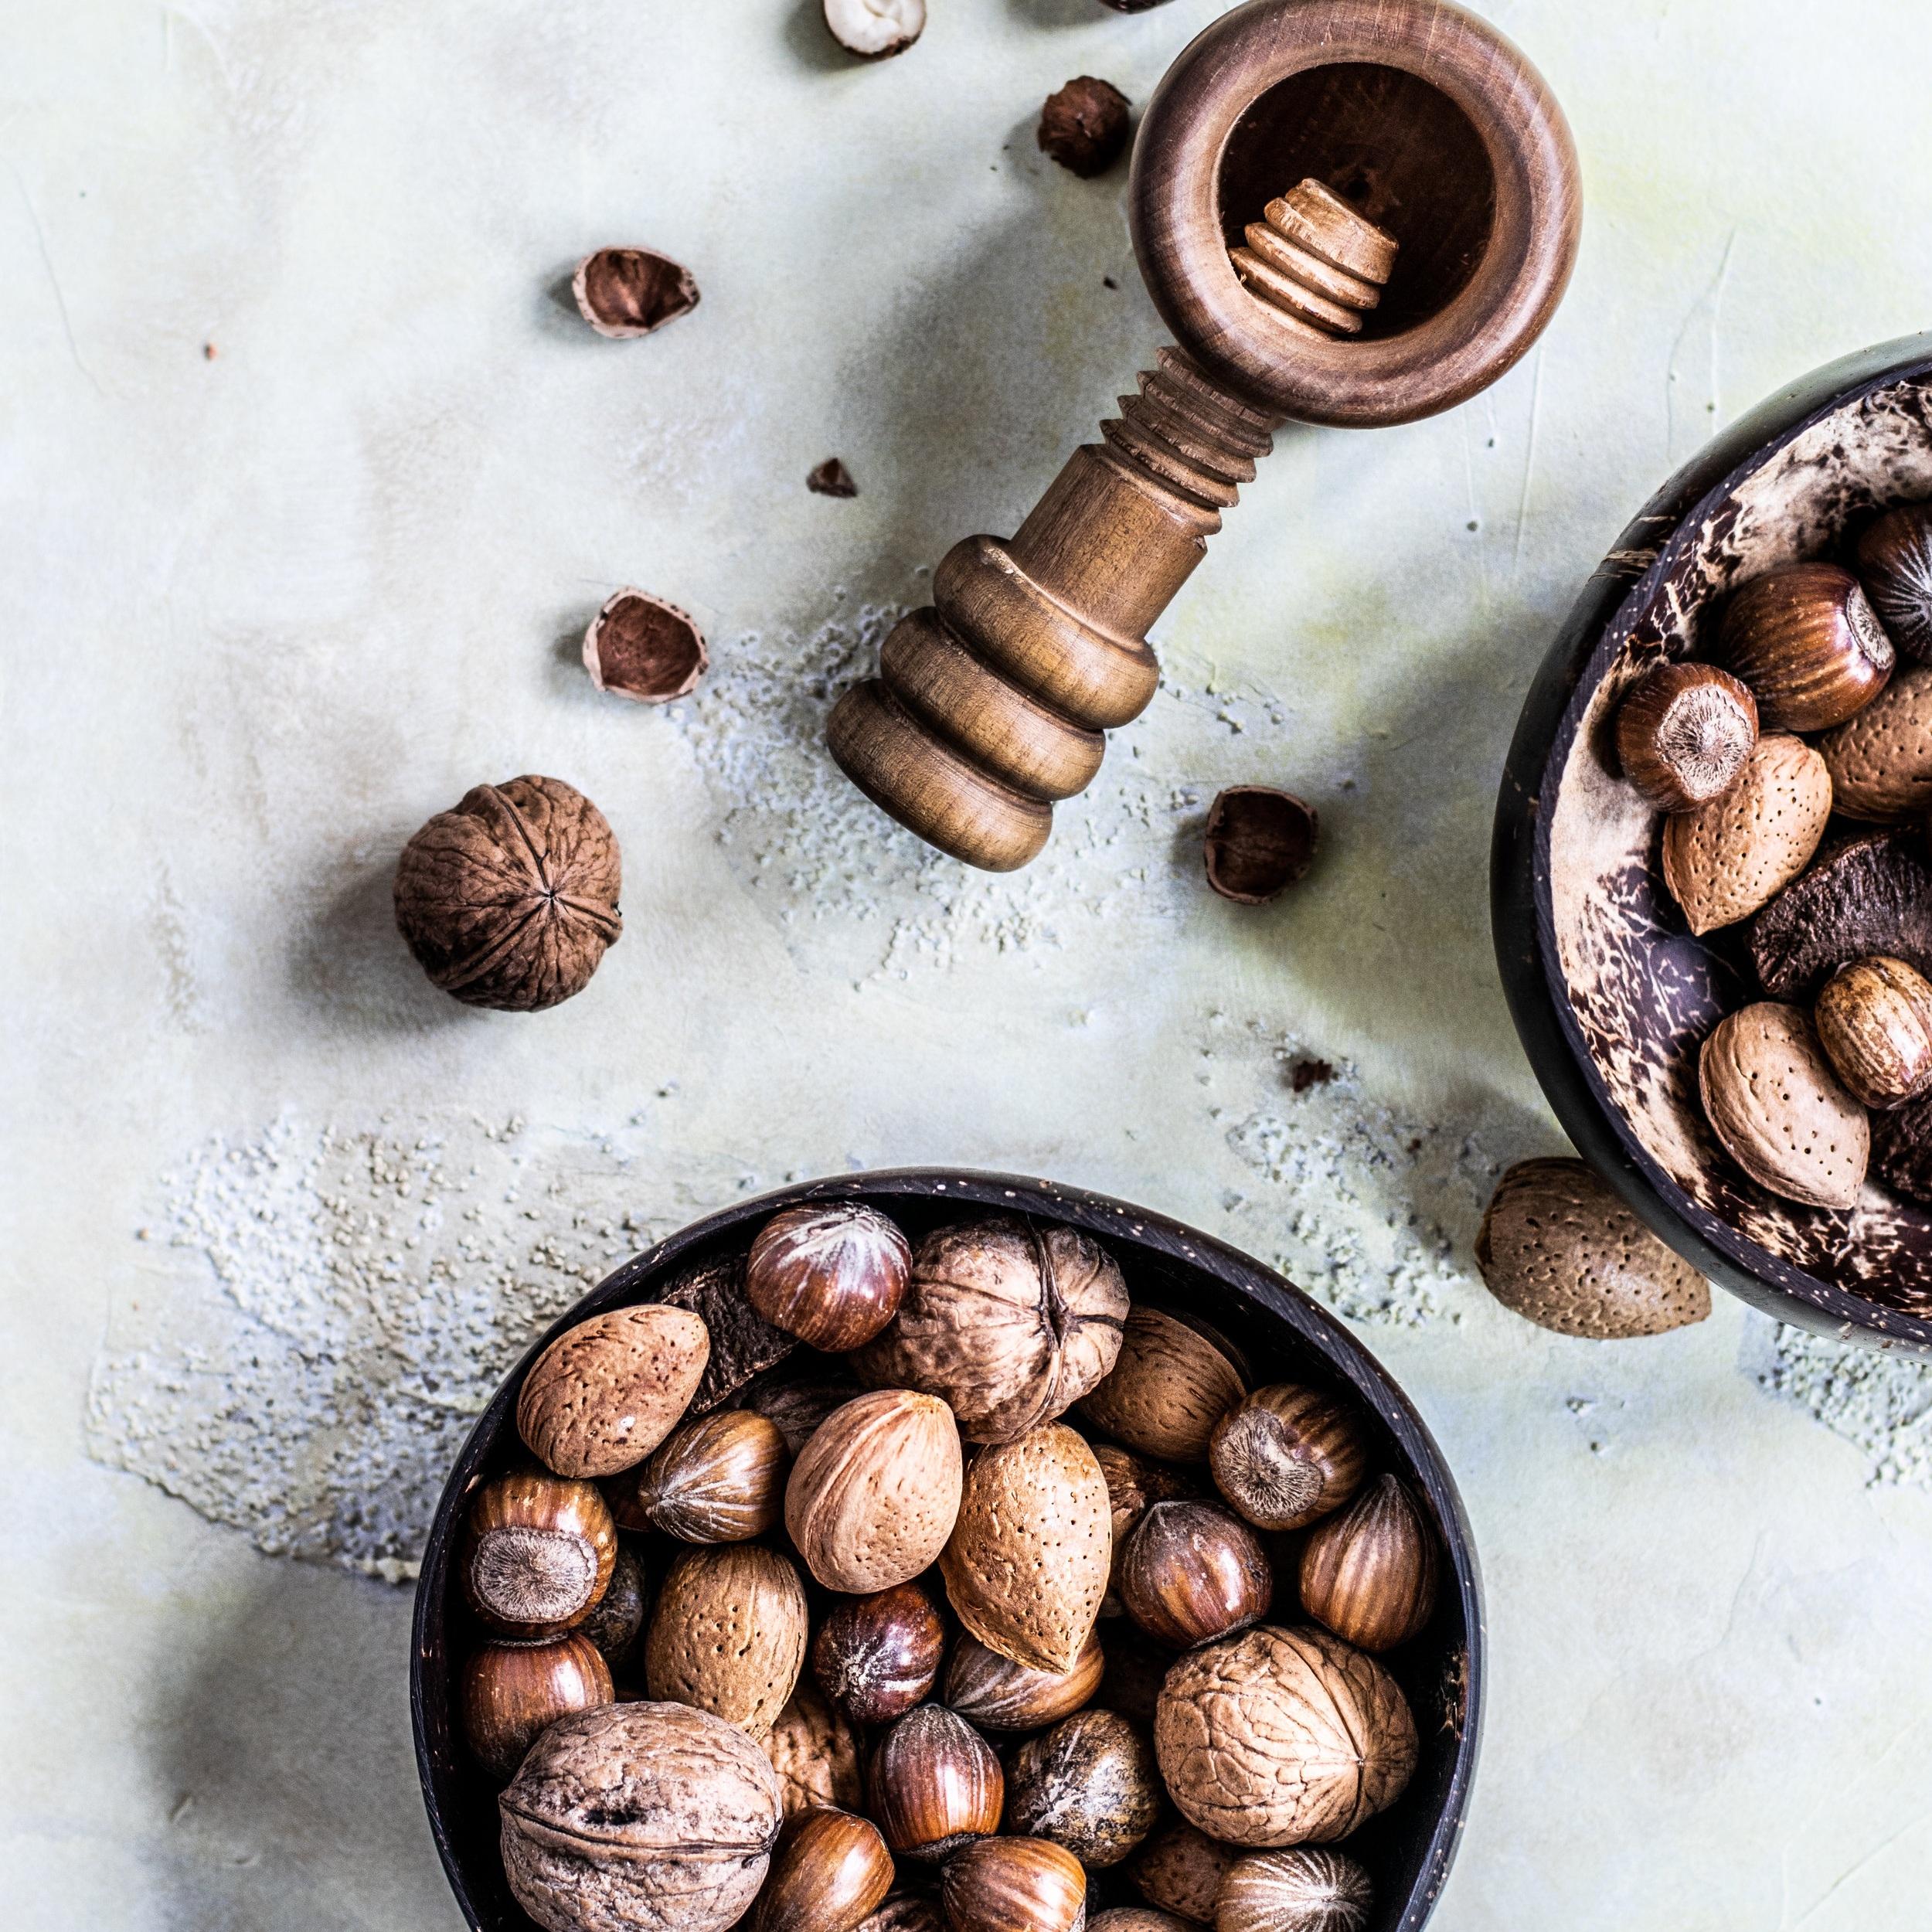 ナッツ類 - 1日に一掴み分のナッツを摂ると良い。ナッツには、セロトニンの主な構成要素のトリプトファンが多く含まれている。